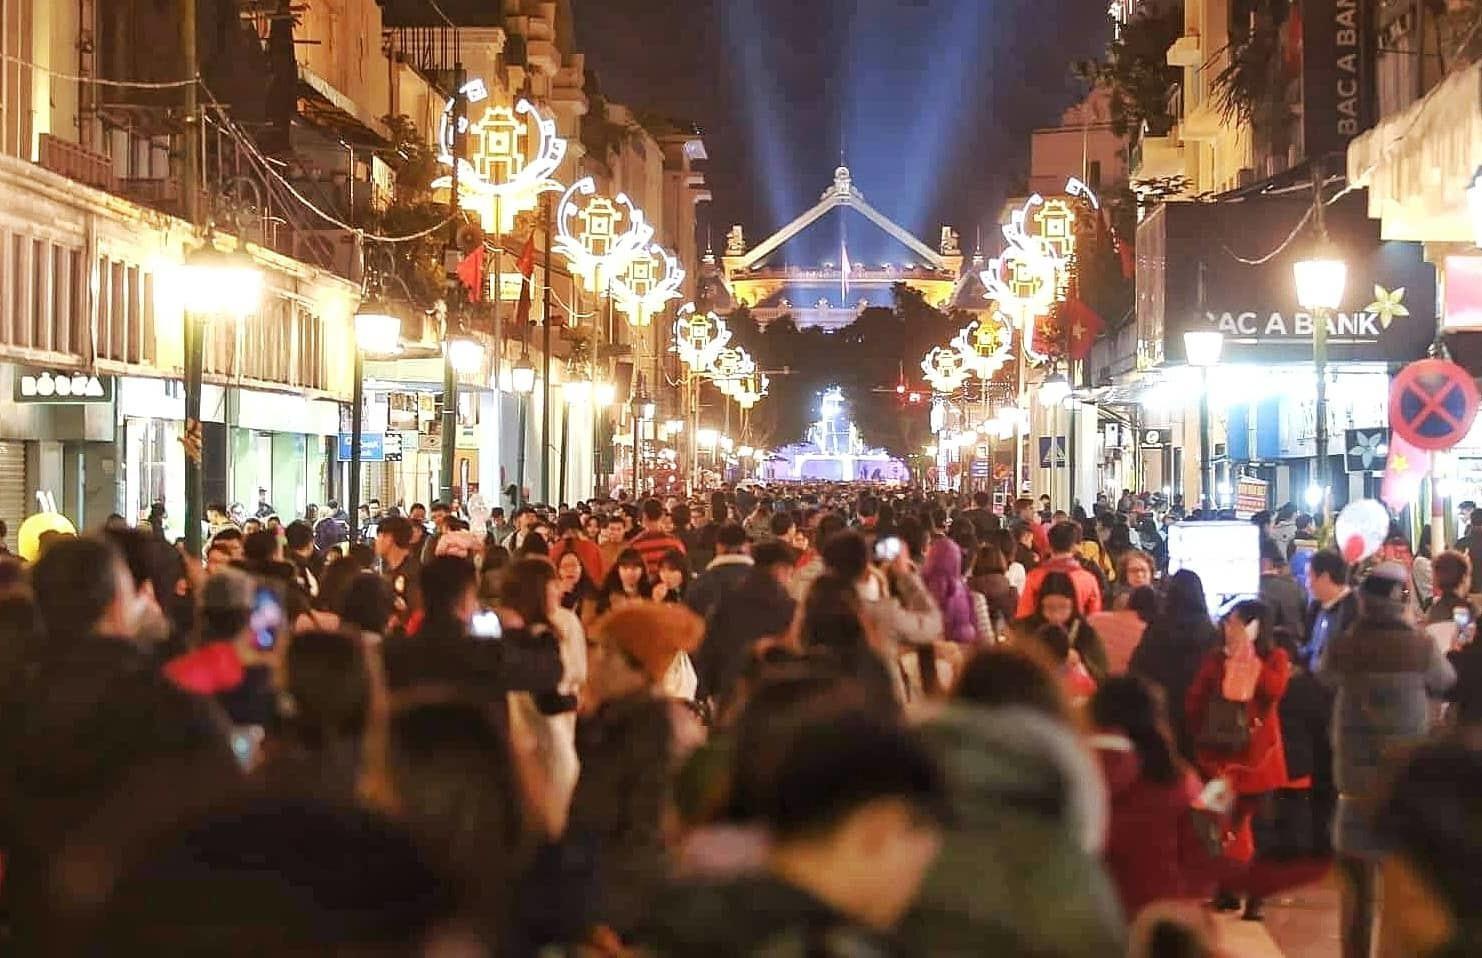 Nhiều năm nay, sự kiện đếm ngược chào năm mới ở Hà Nội thu hút hàng nghìn người tham gia